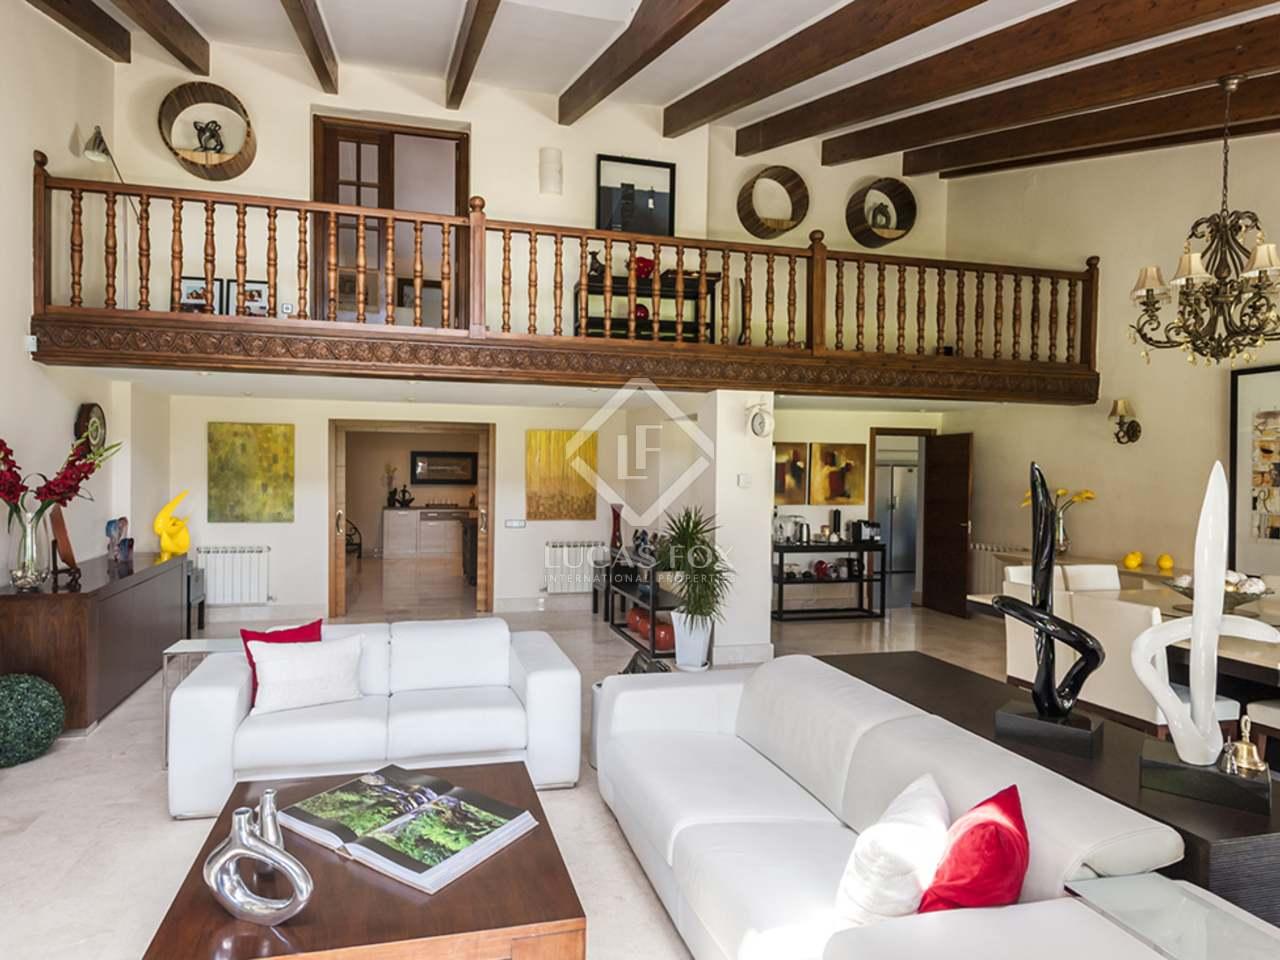 Casa mediterr nea con piscina en venta en la moraleja for Apartamentos en madrid con piscina